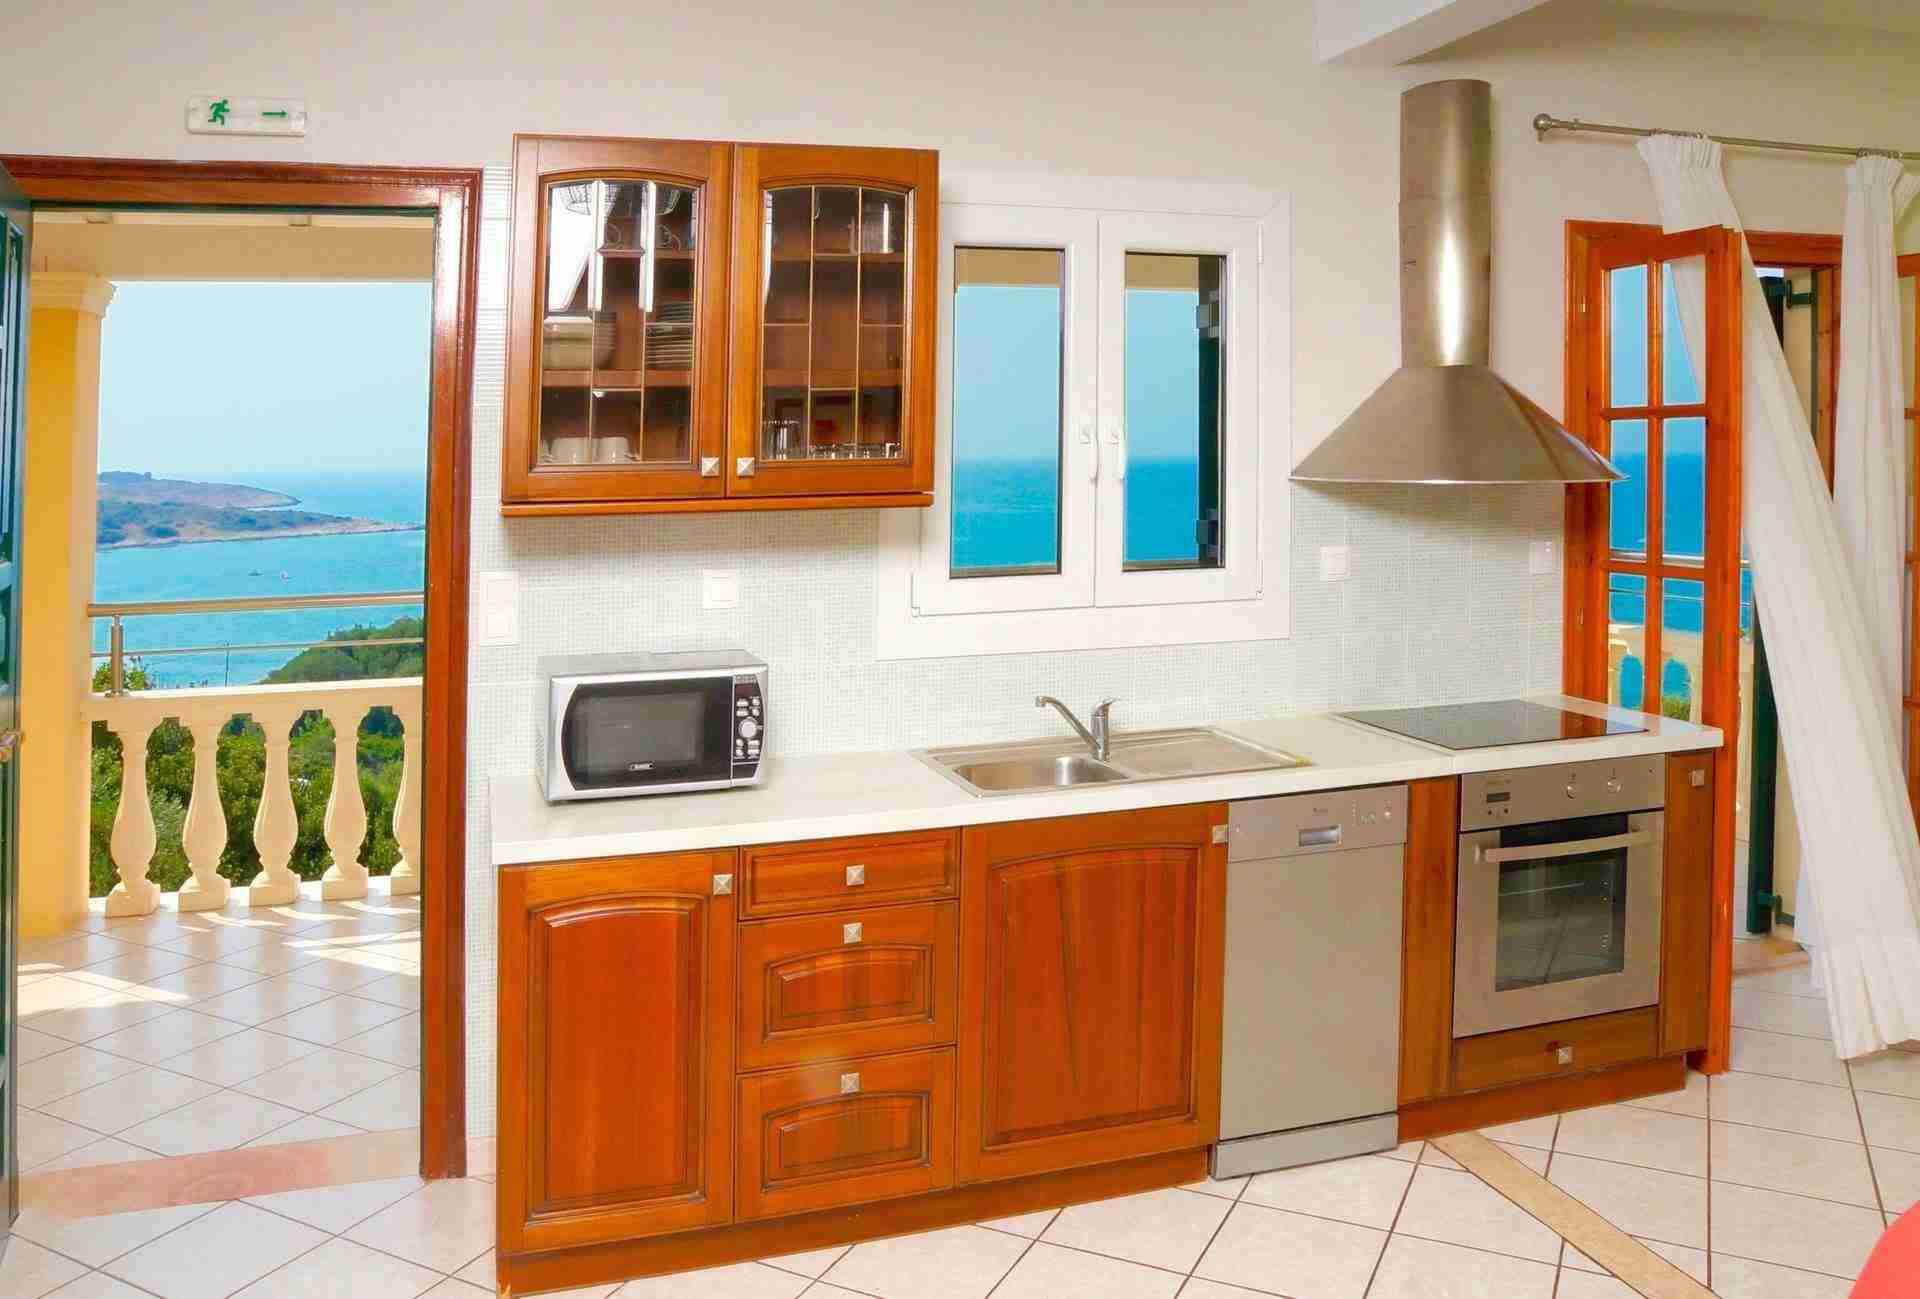 7 Hera Kitchen